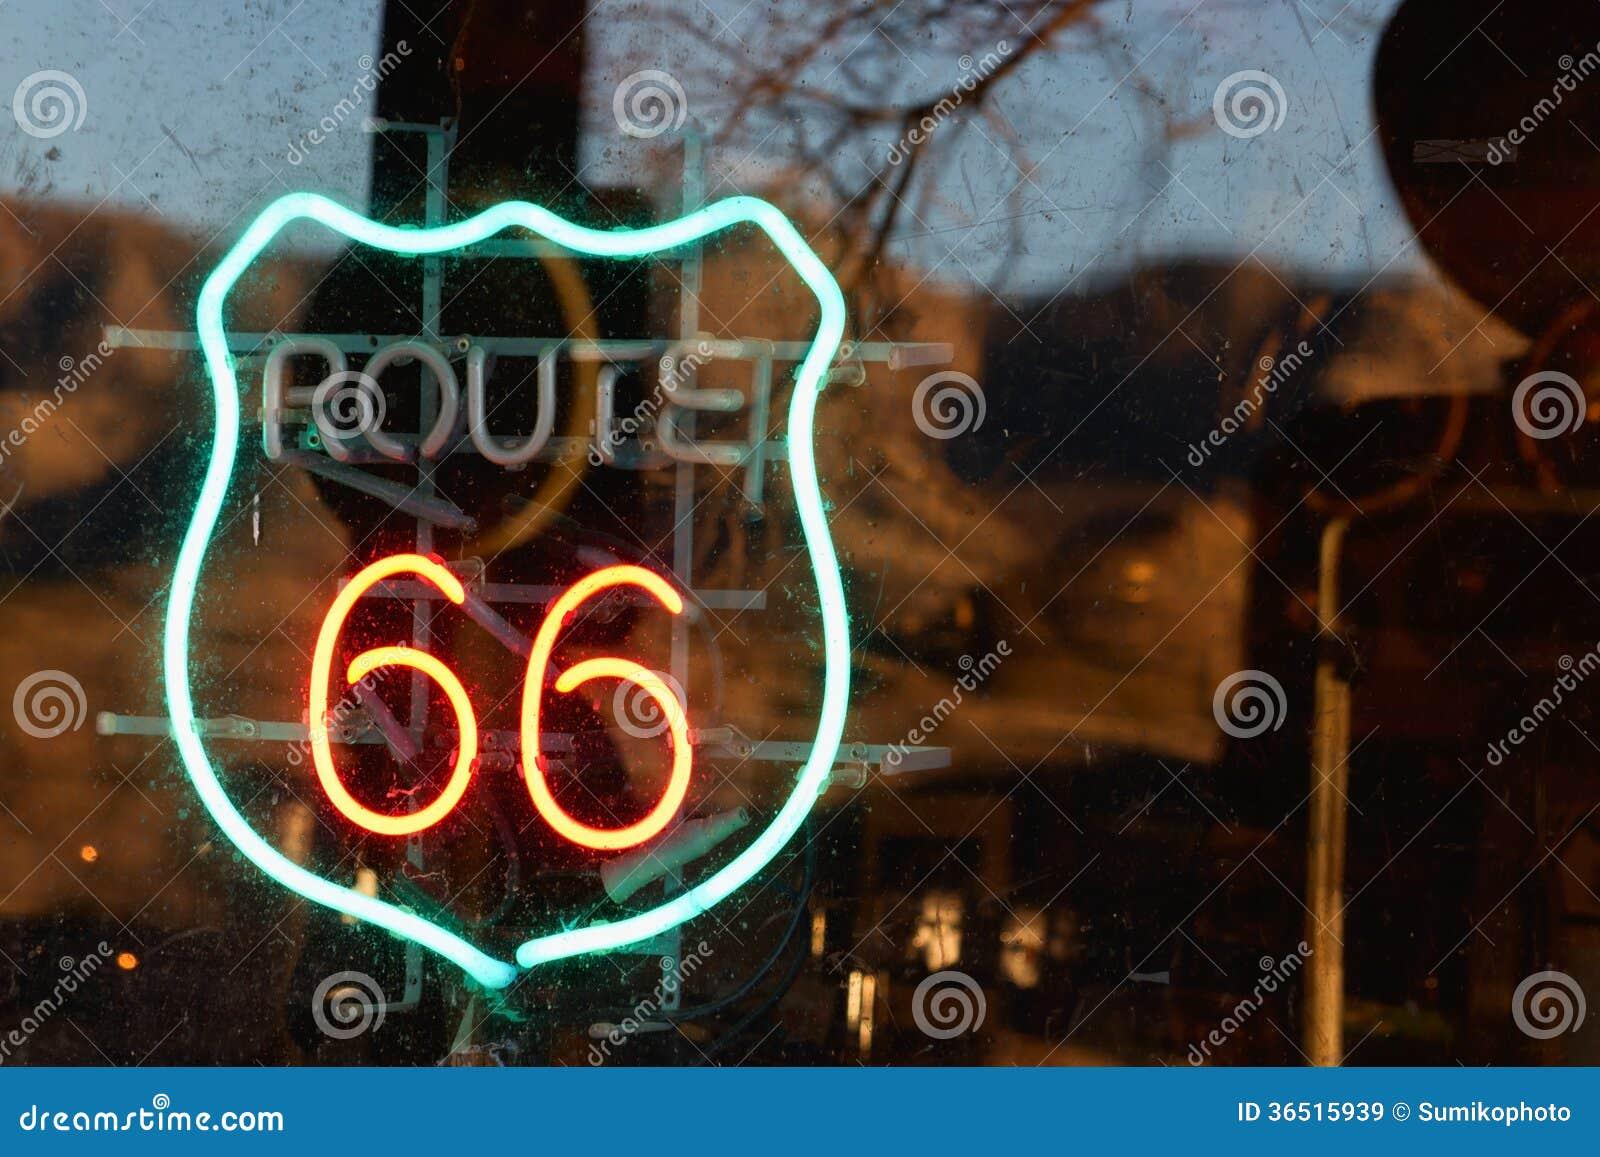 路线66霓虹灯广告